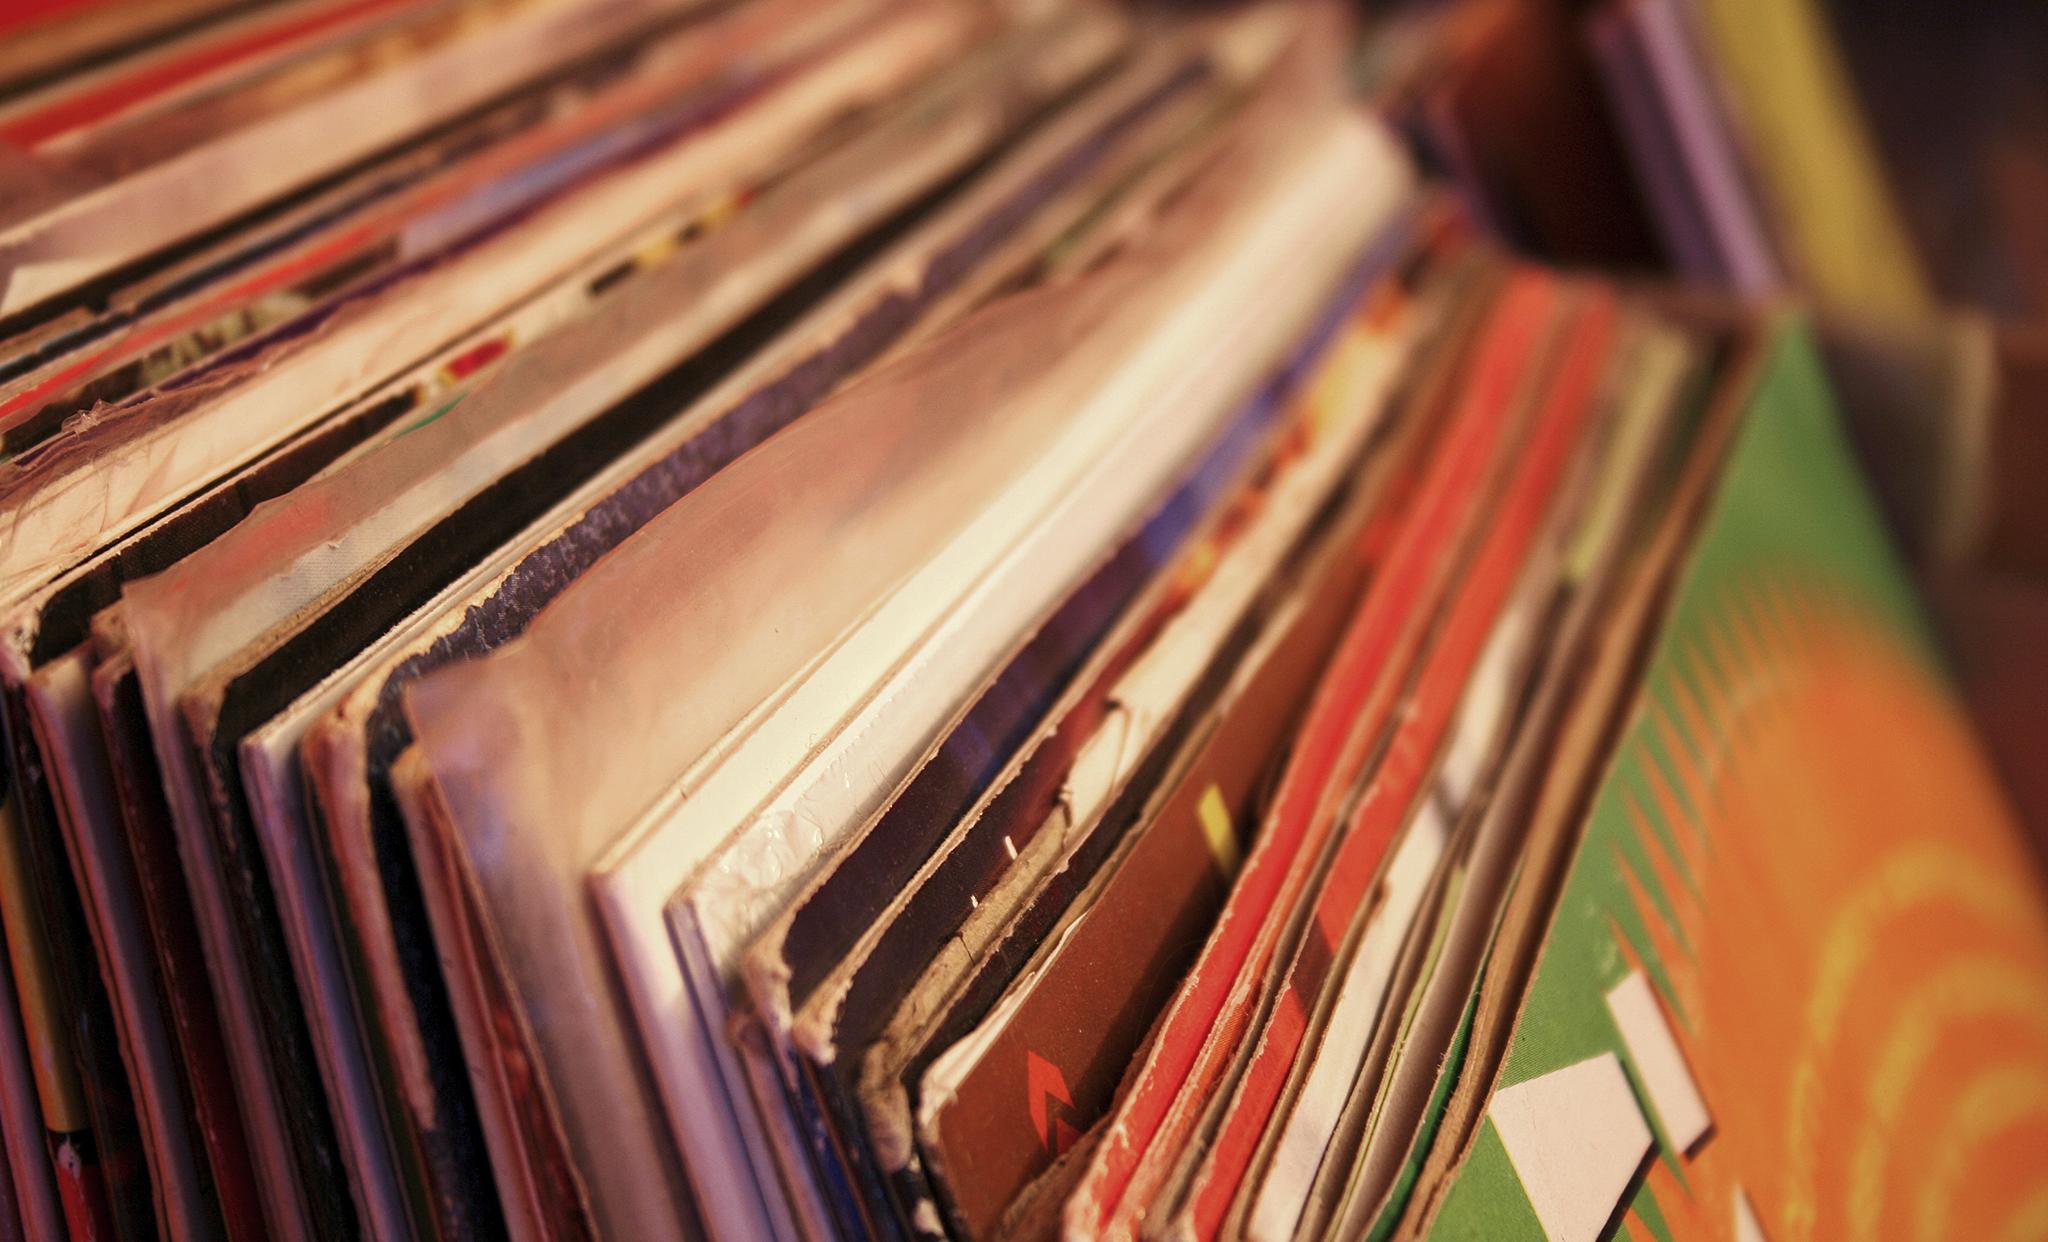 I migliori negozi di musica e dischi a Bologna 068dfbe7e65c